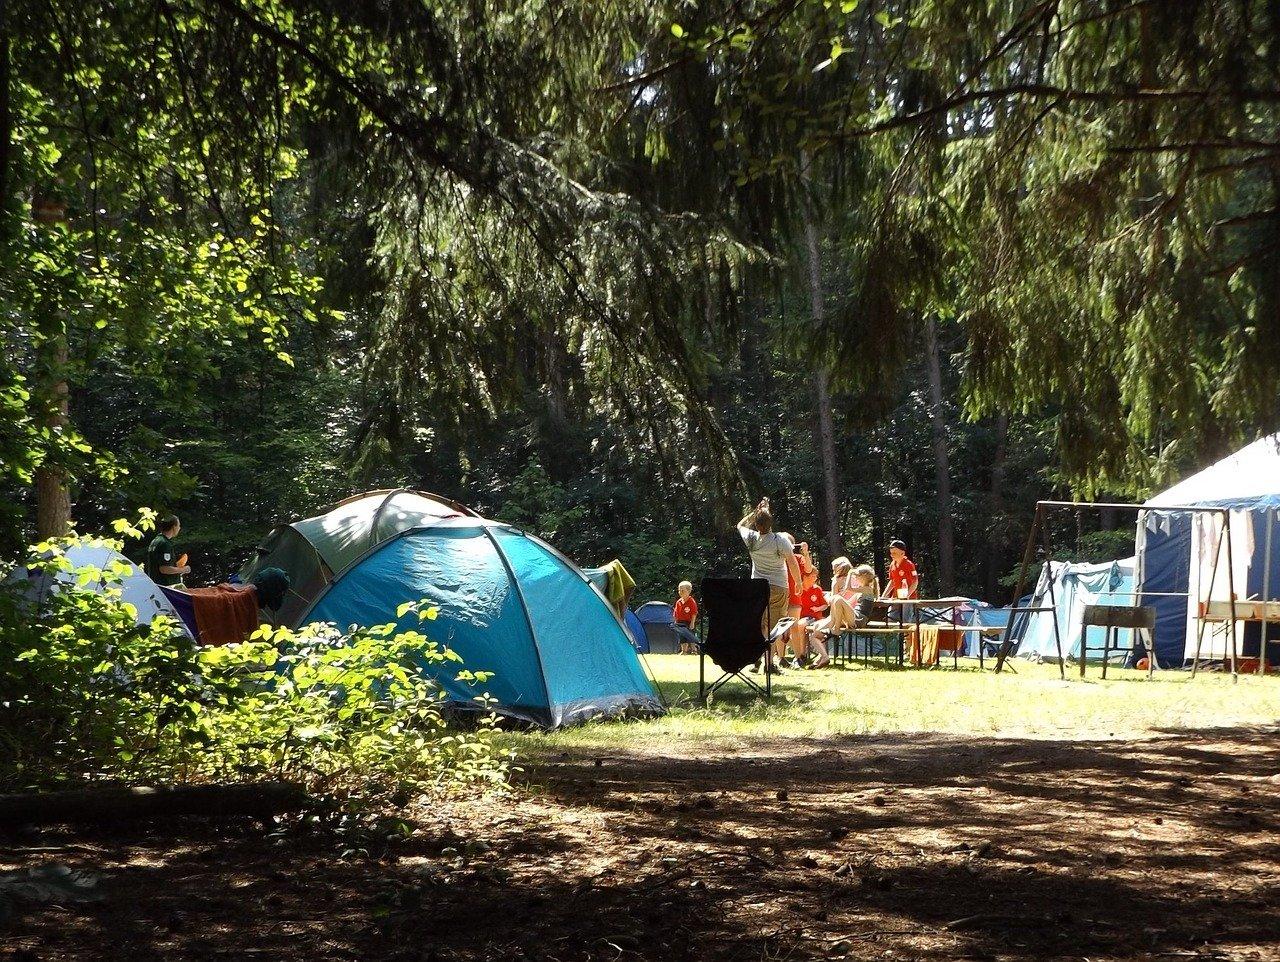 hebergement éco responsable à nimes, le Camping les pins